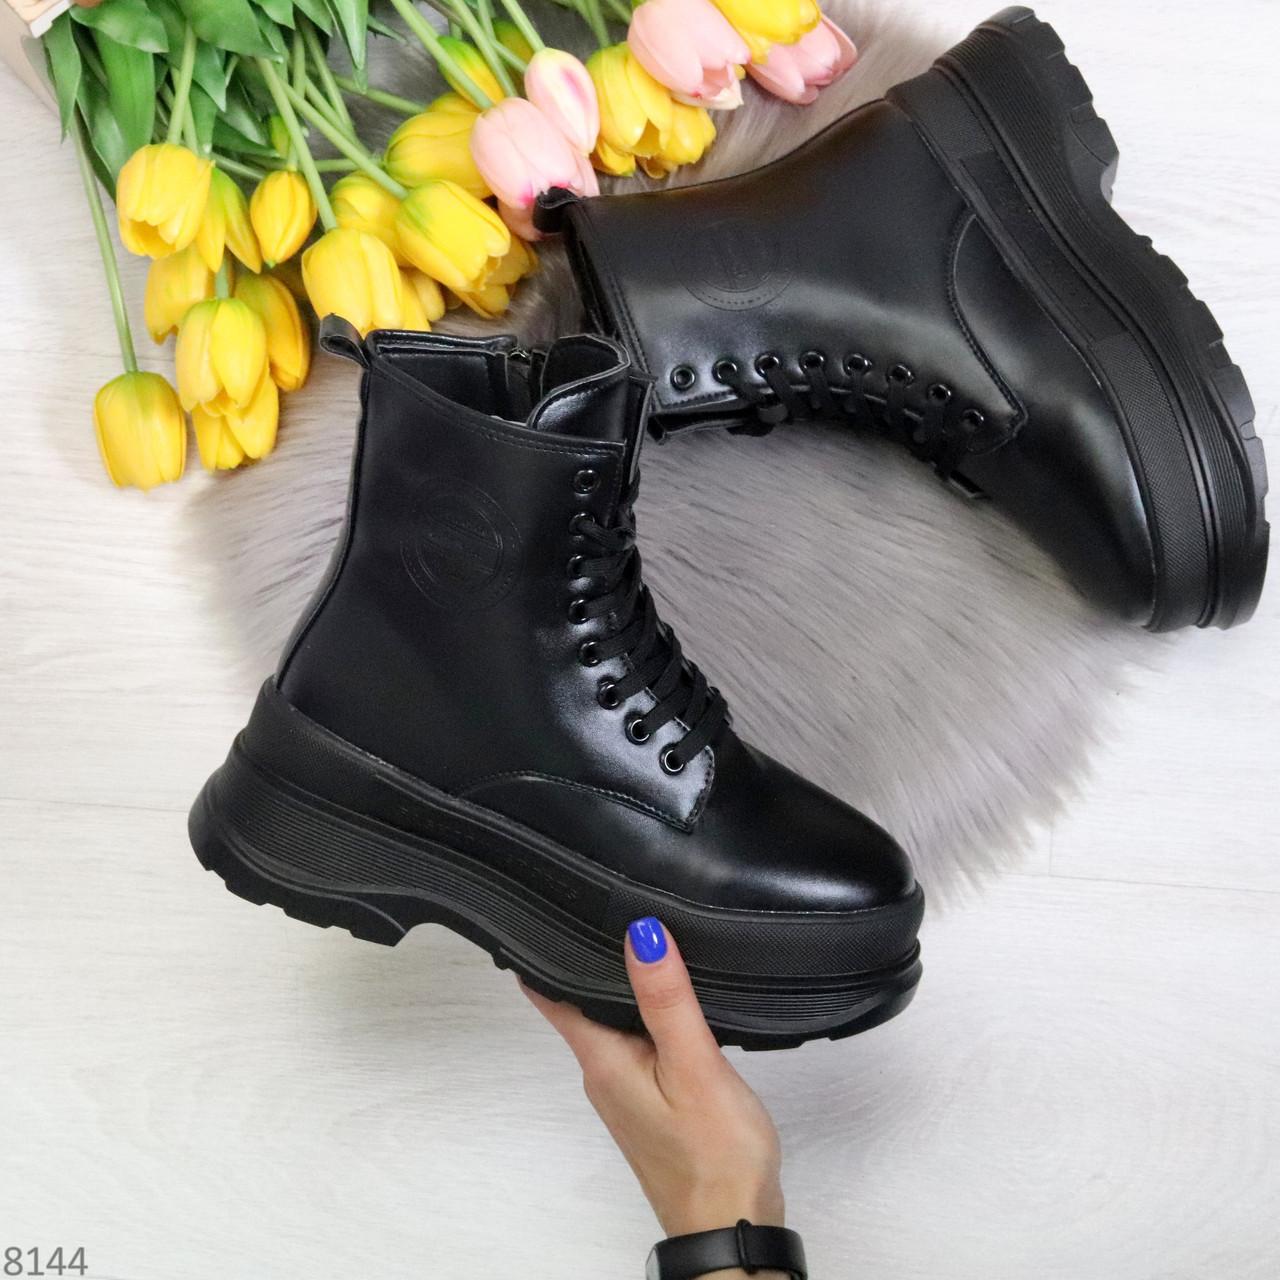 Трендовые молодежные черные зимние женские ботинки на платформе 36-23 37-23,5 38-24см